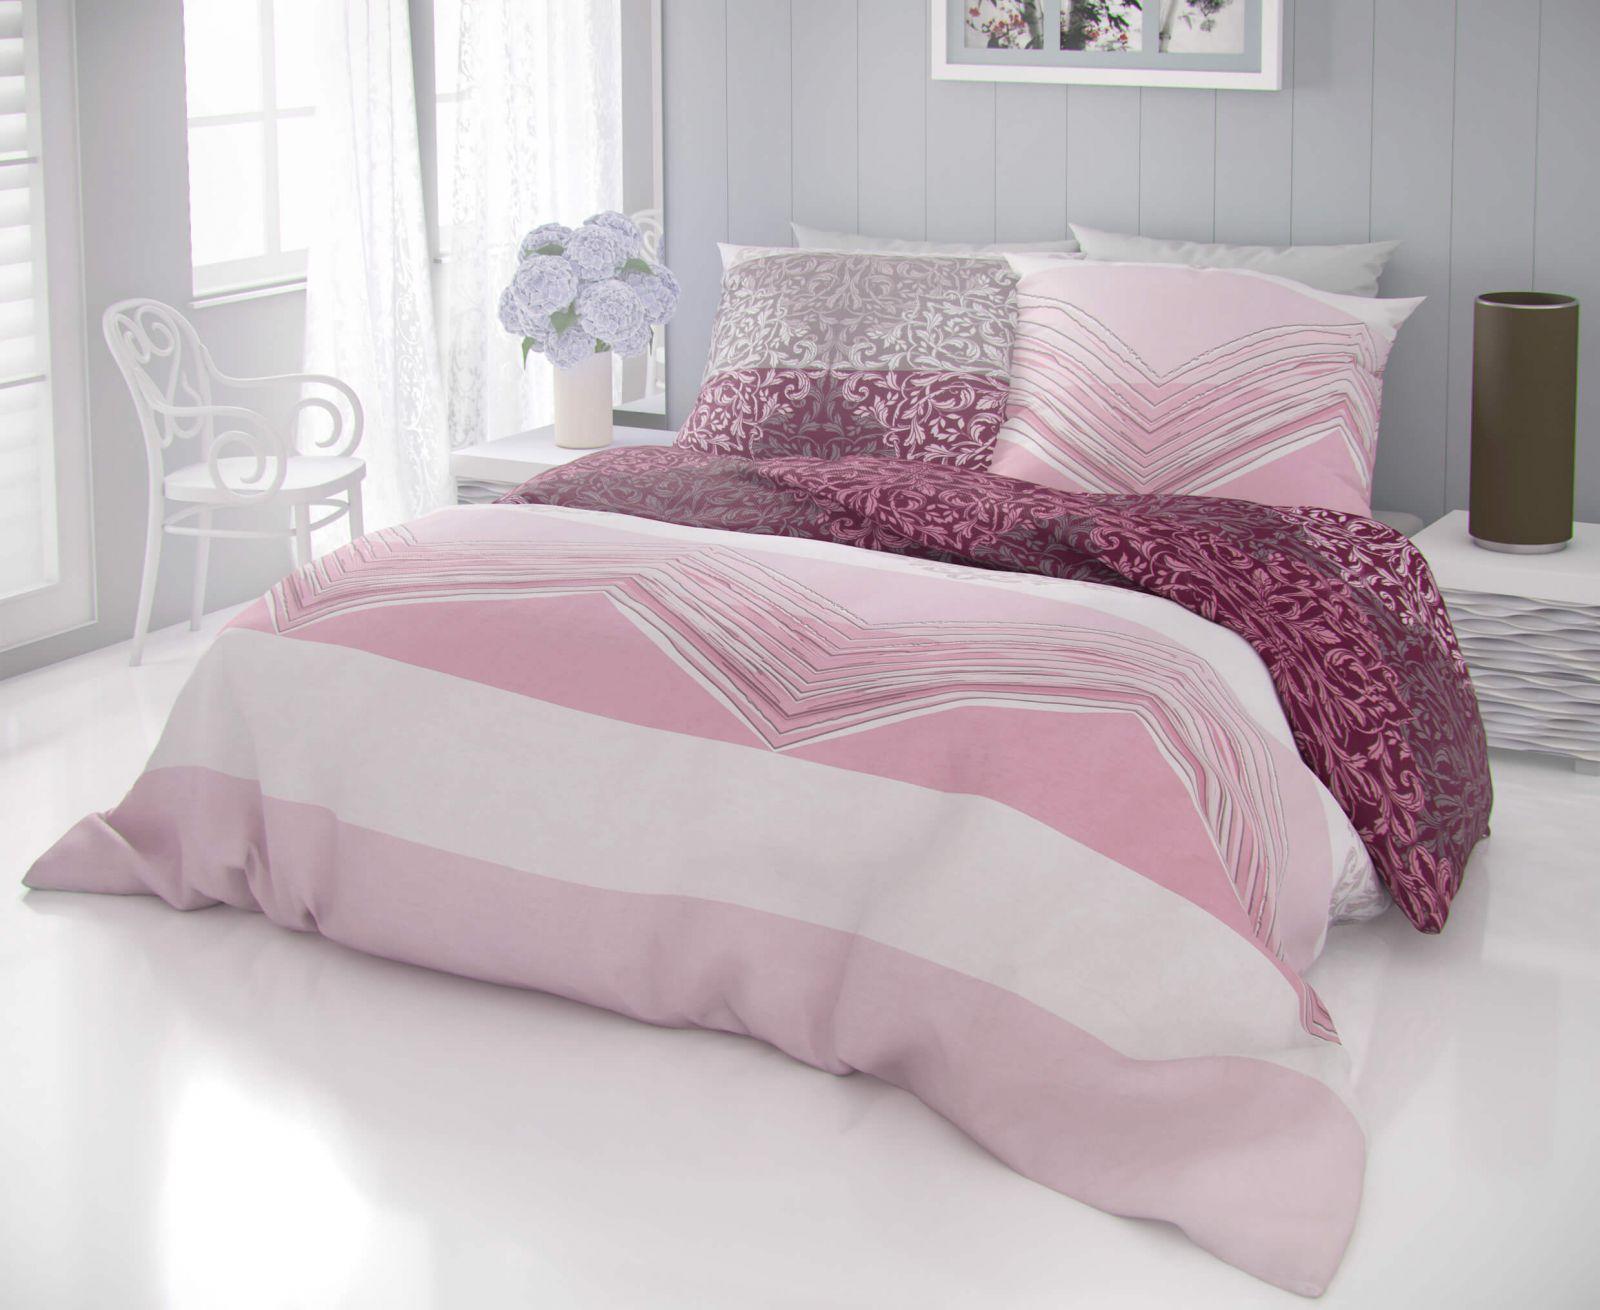 Kvalitní bavlněné povlečení s květinovými ornamenty a pruhy v růžových a béžových odstínech DELUX SIMON růžová Kvalitex